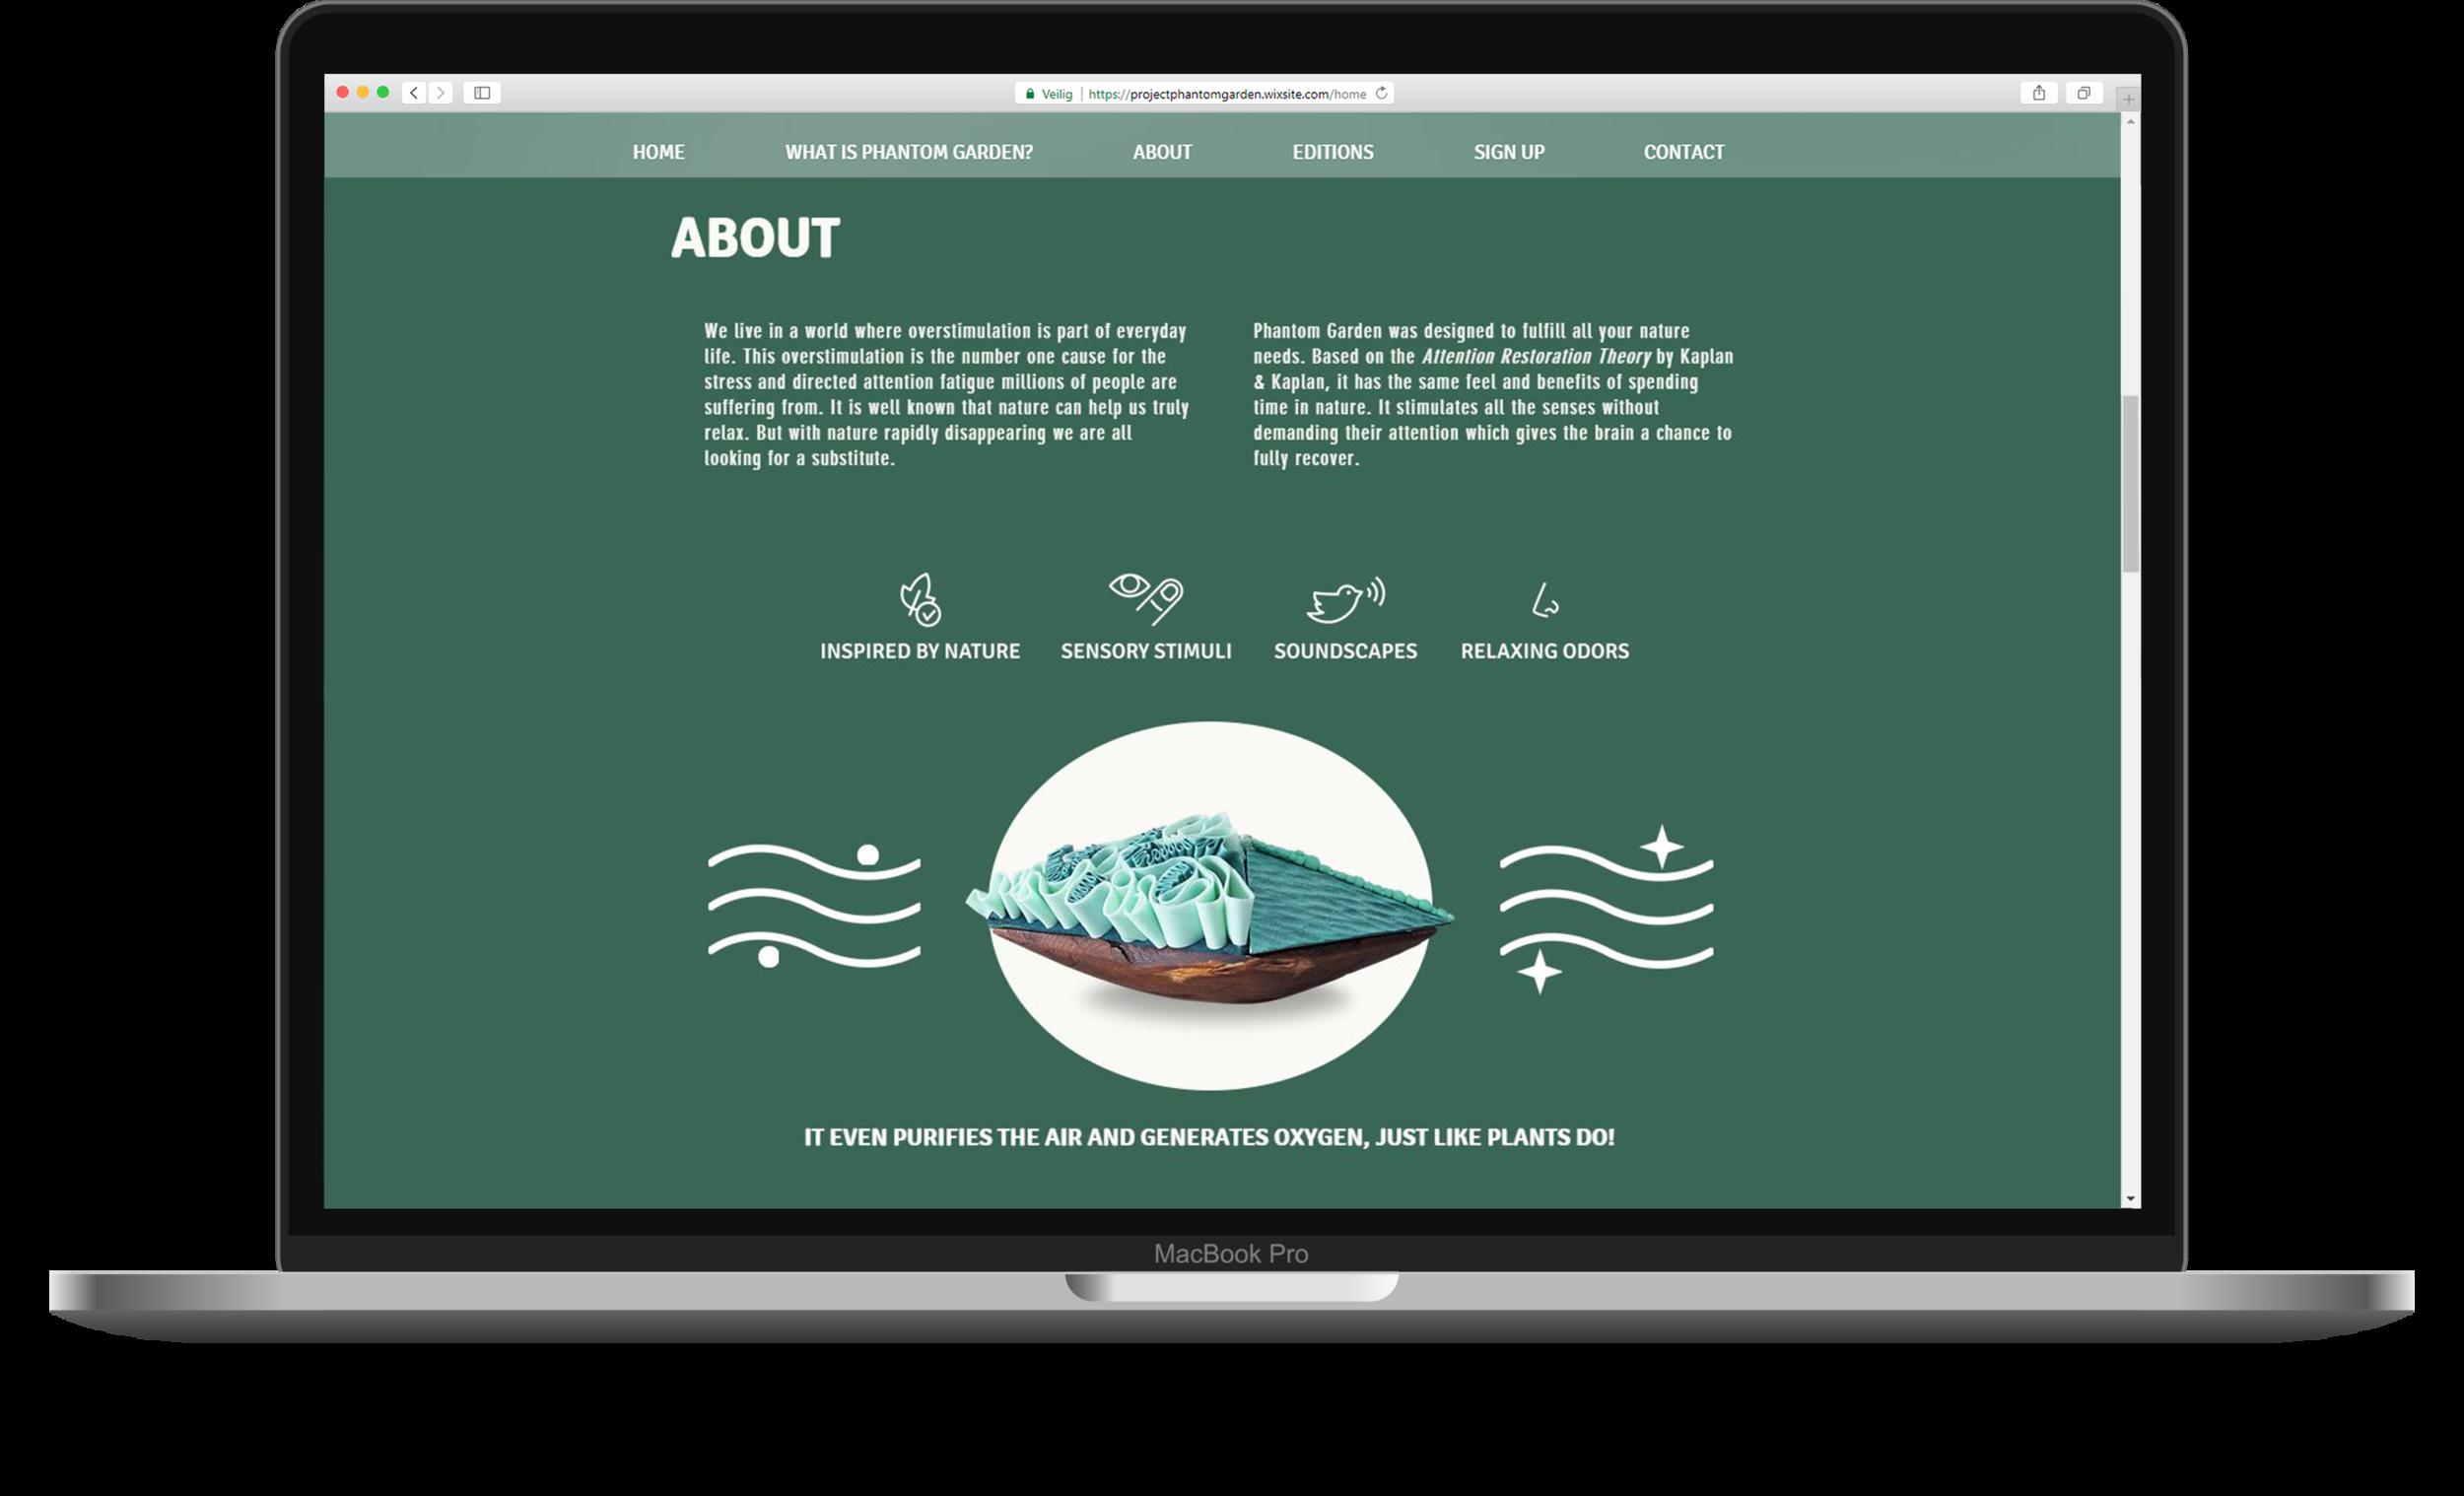 De bijbehorende website van Phantom Garden, met meer informatie over het product.